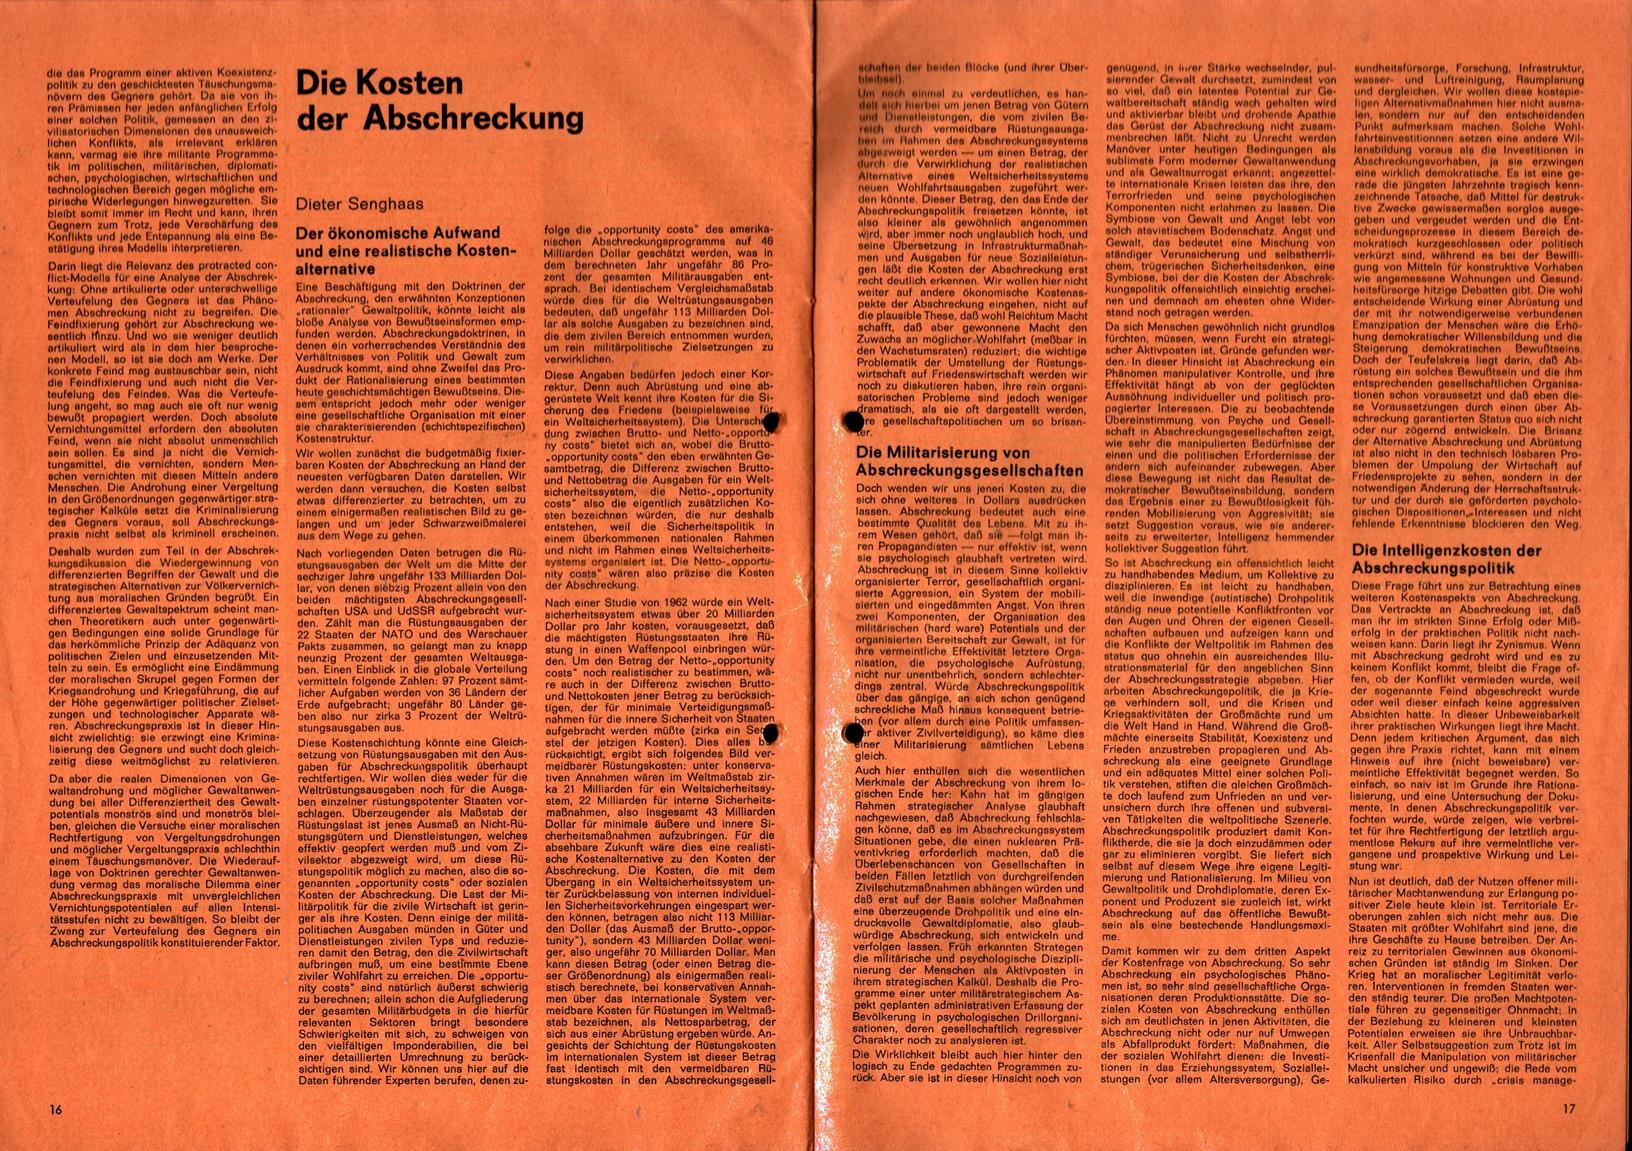 Infos_zur_Abruestung_1969_069_070_071_009